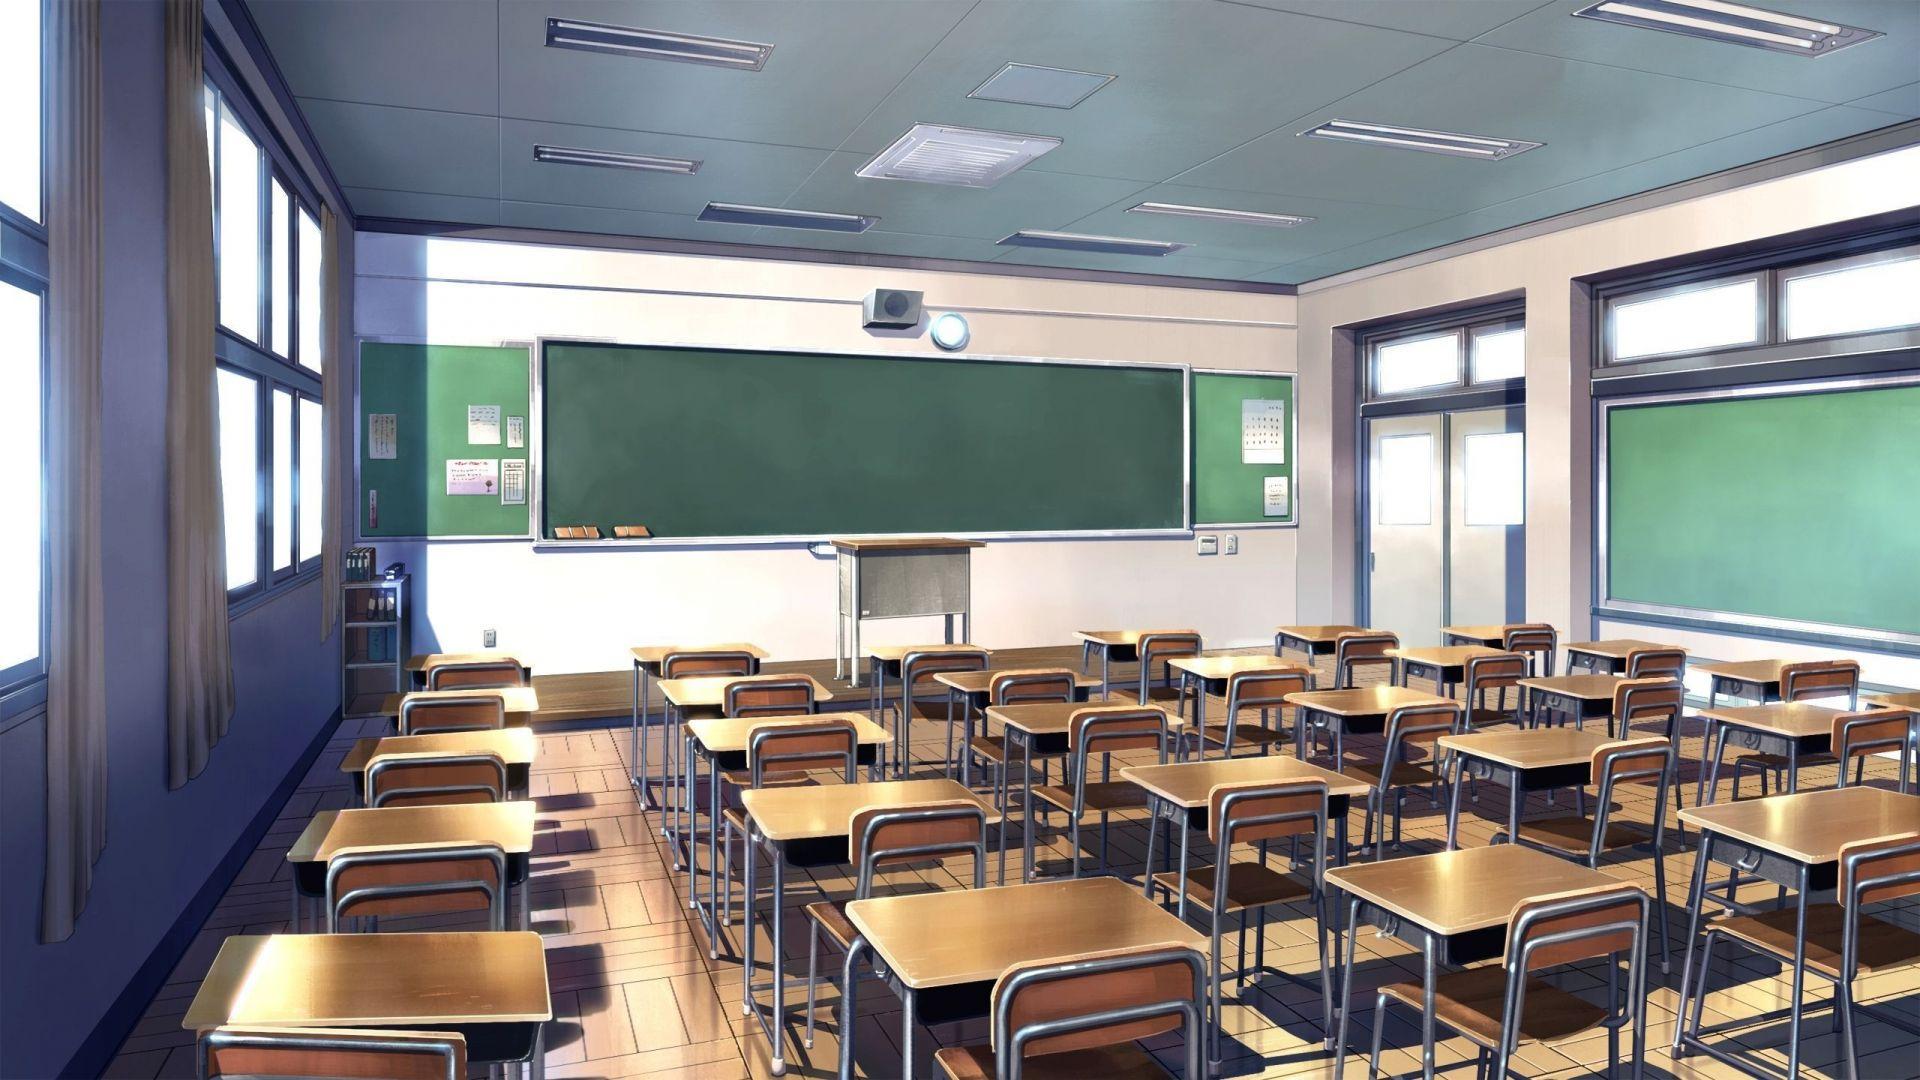 Третьеклассник избил учительницу завызов родителей вшколу